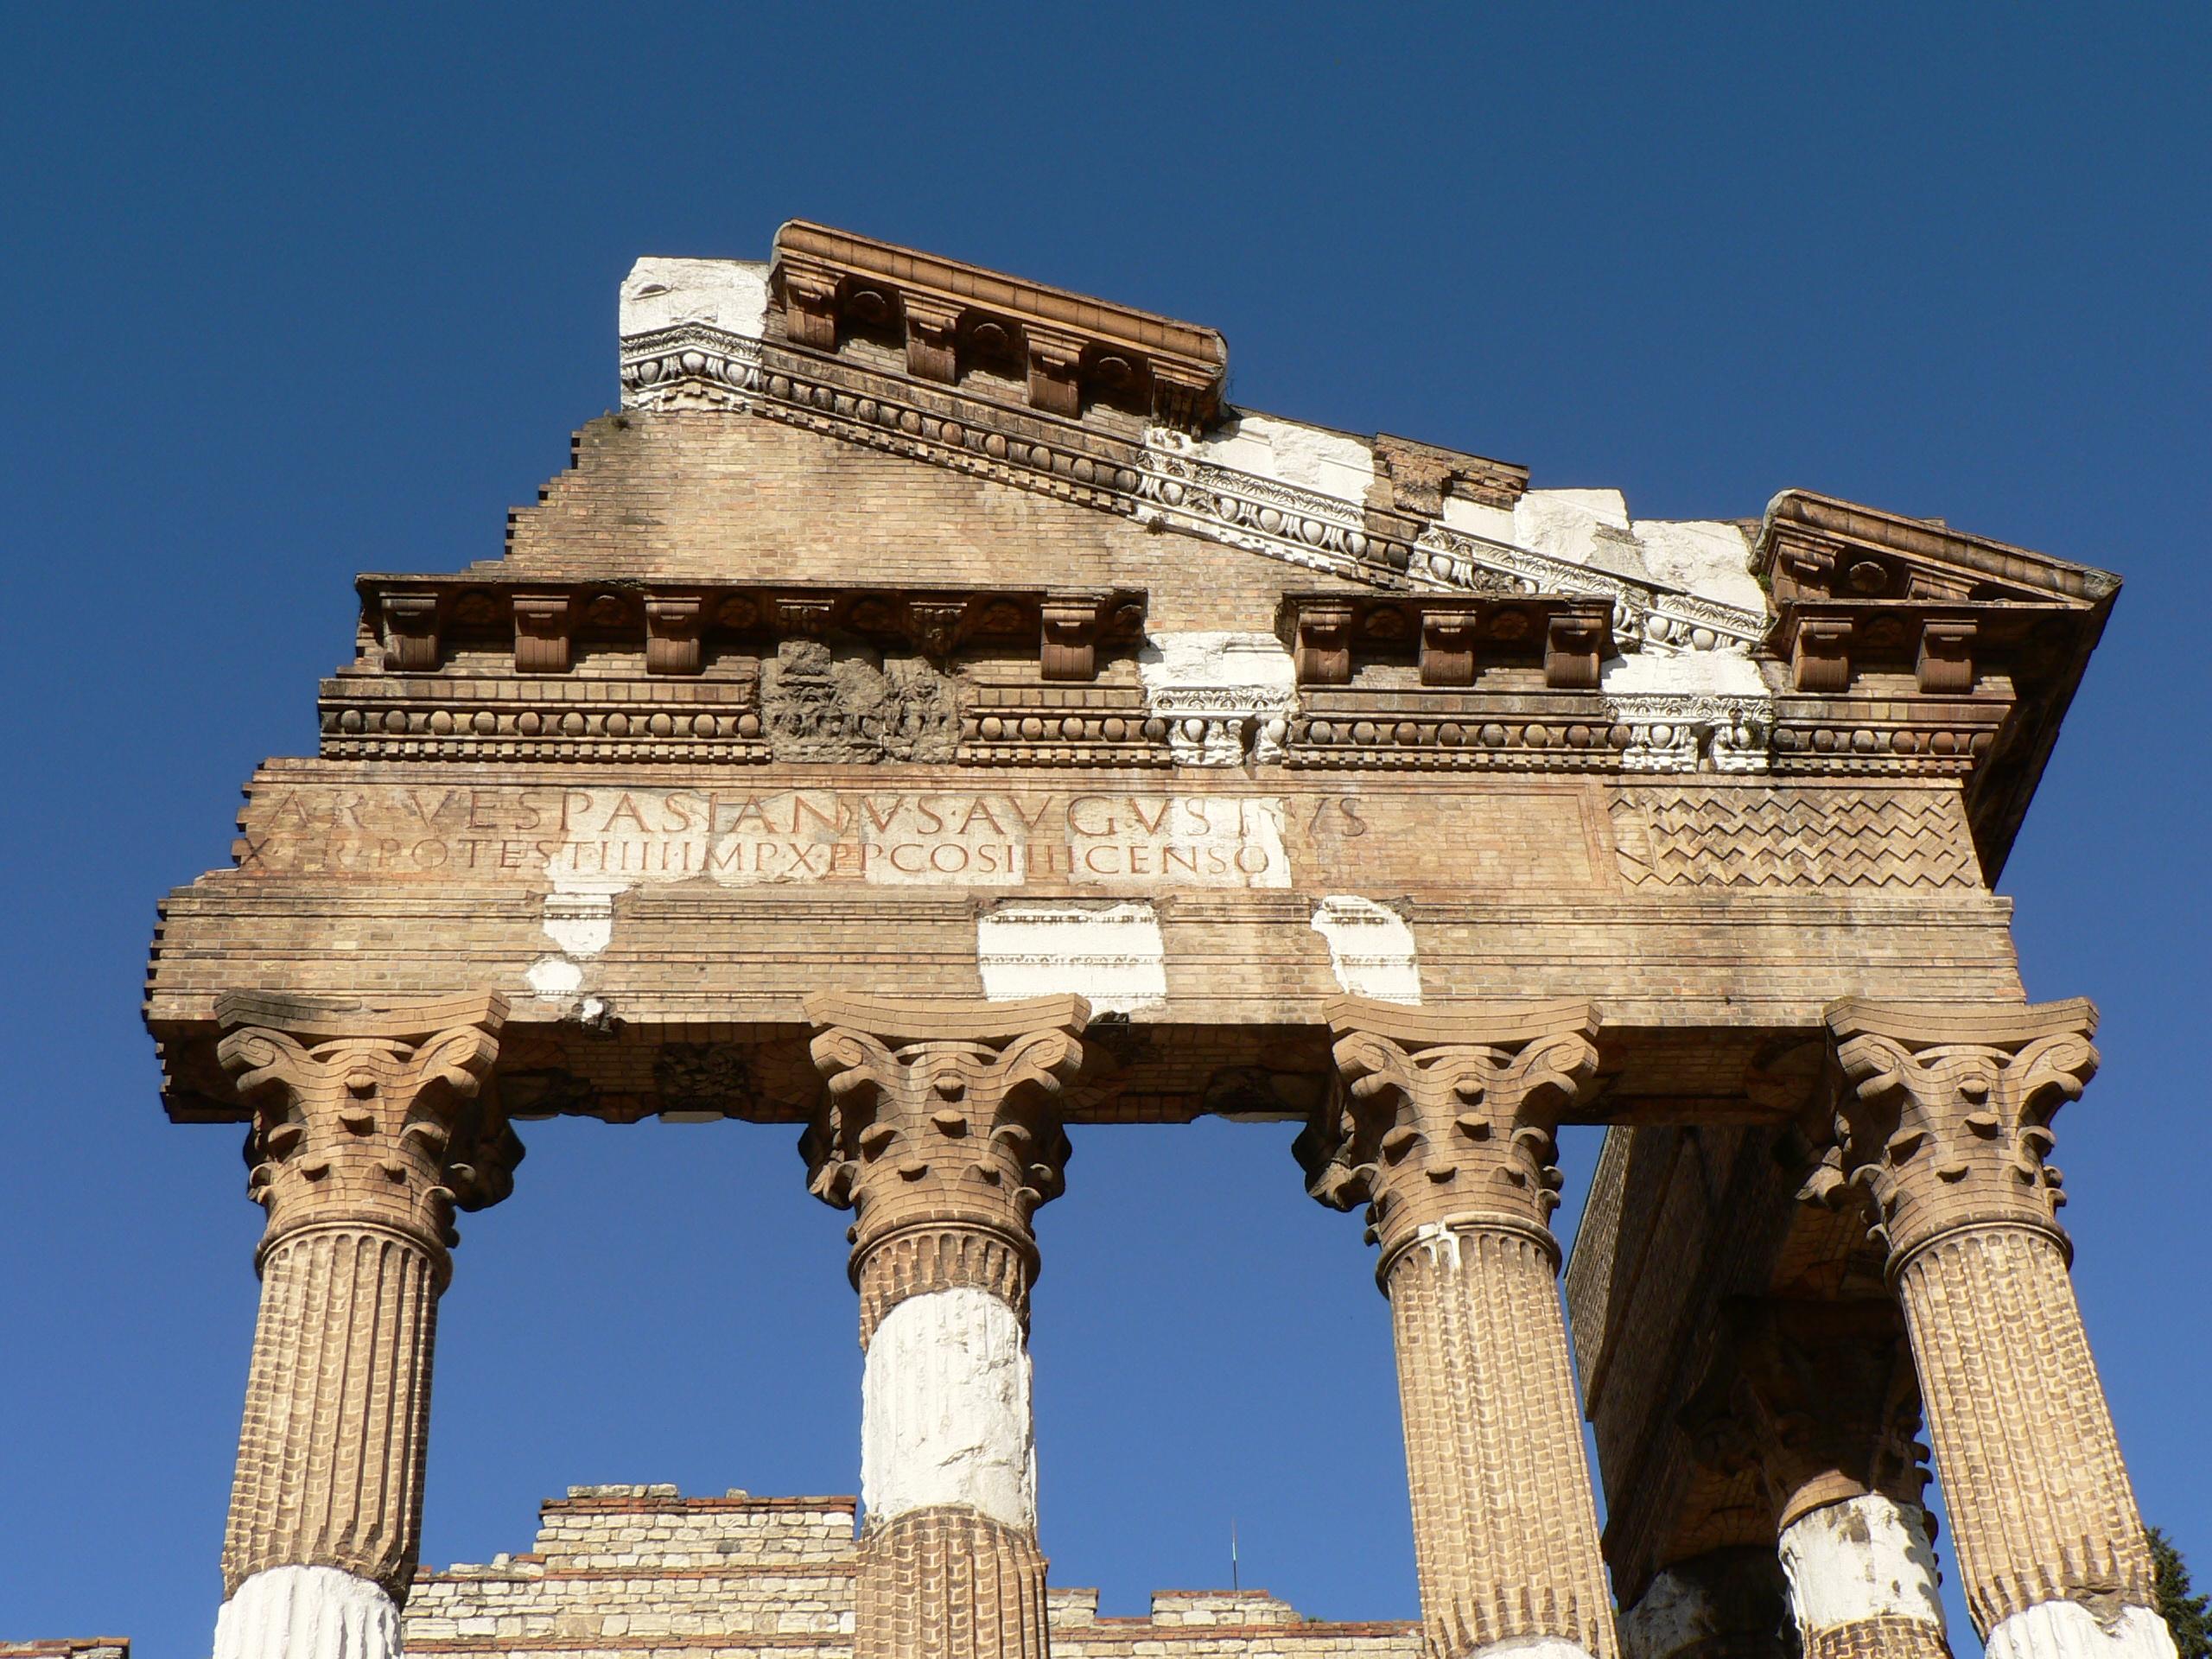 Remains of the Capitolium in Brescia